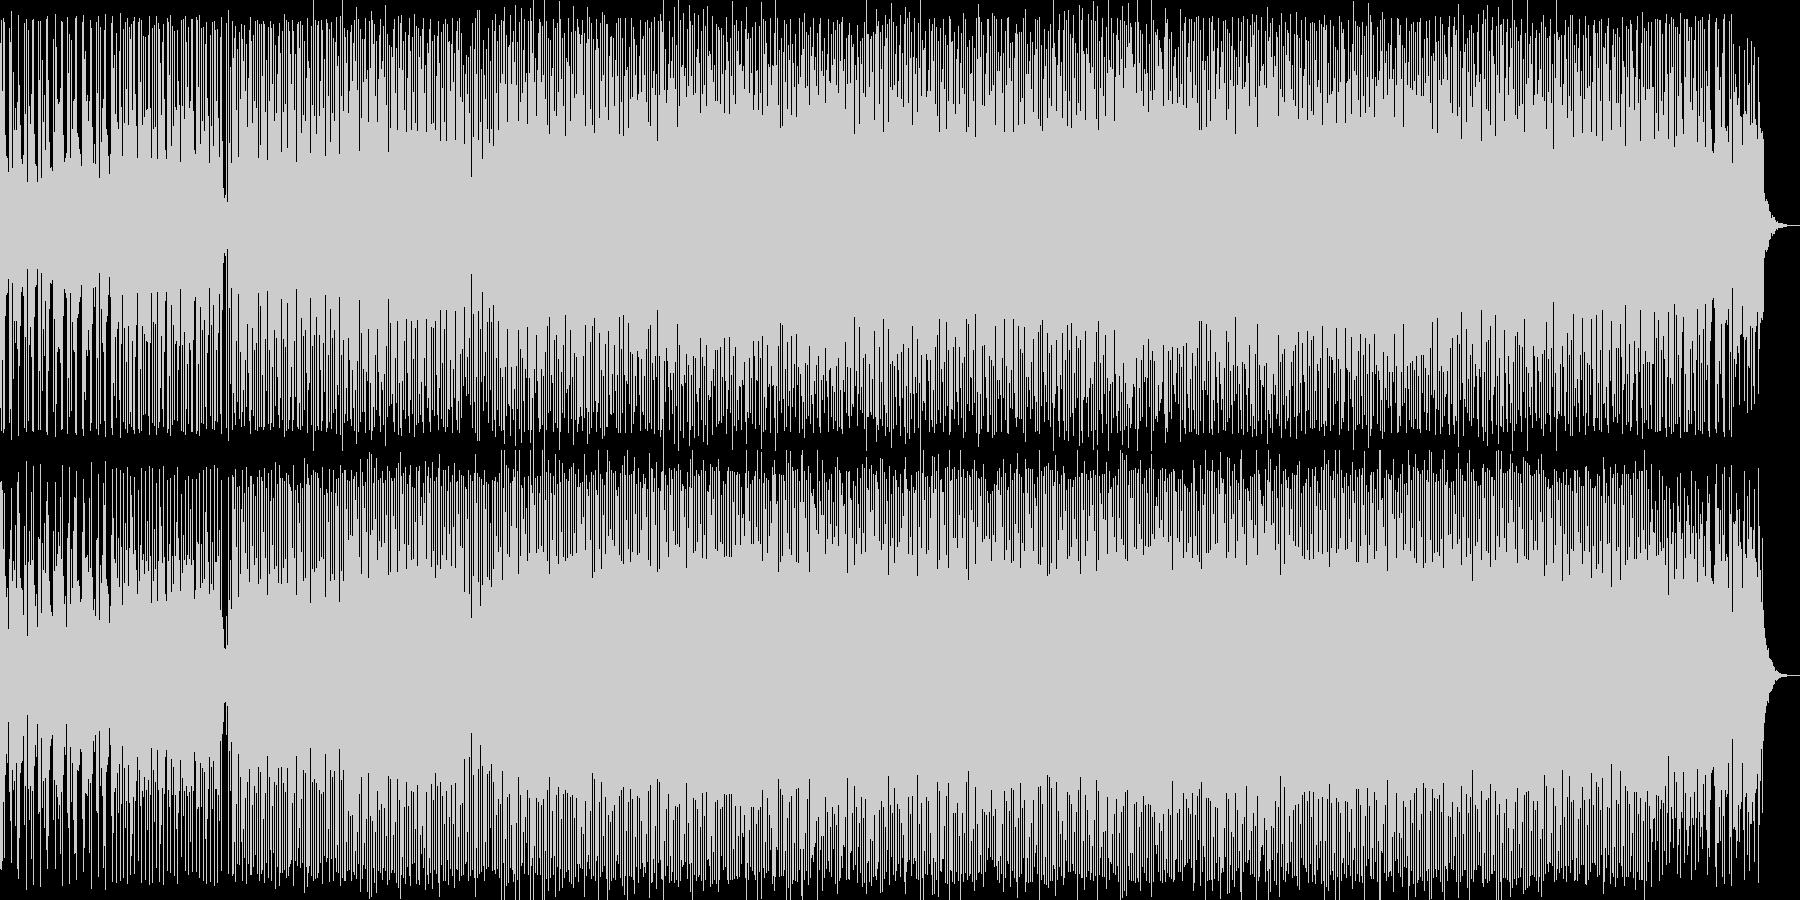 浮遊感ある重厚なテクノ音の未再生の波形